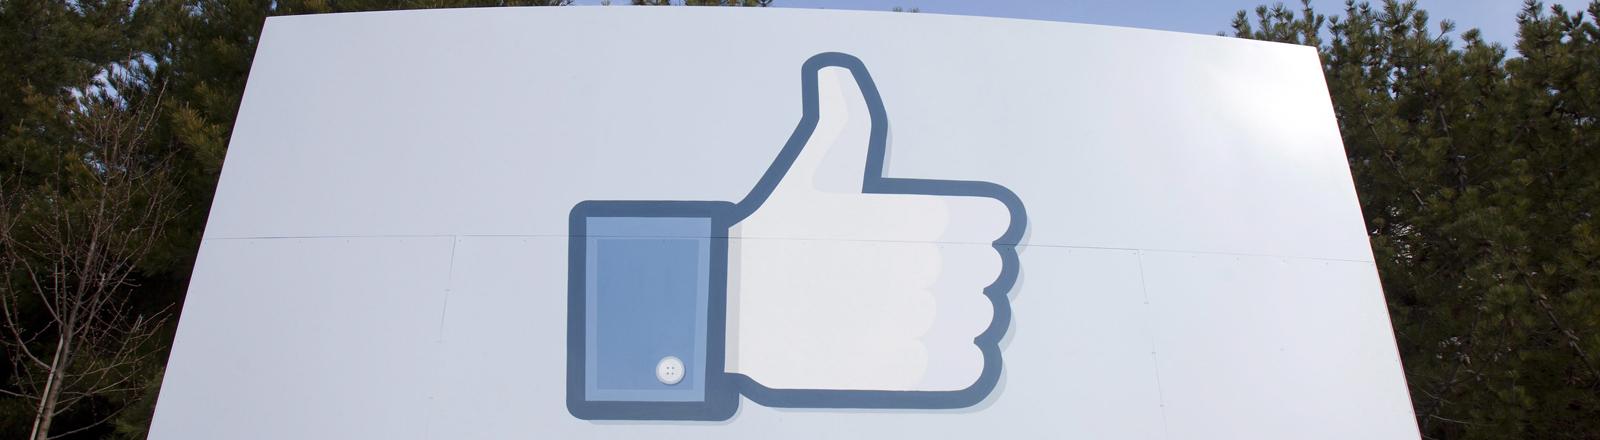 Der Facebook-Daumen auf einem Schild in Menlo Park, Kalifornien, USA